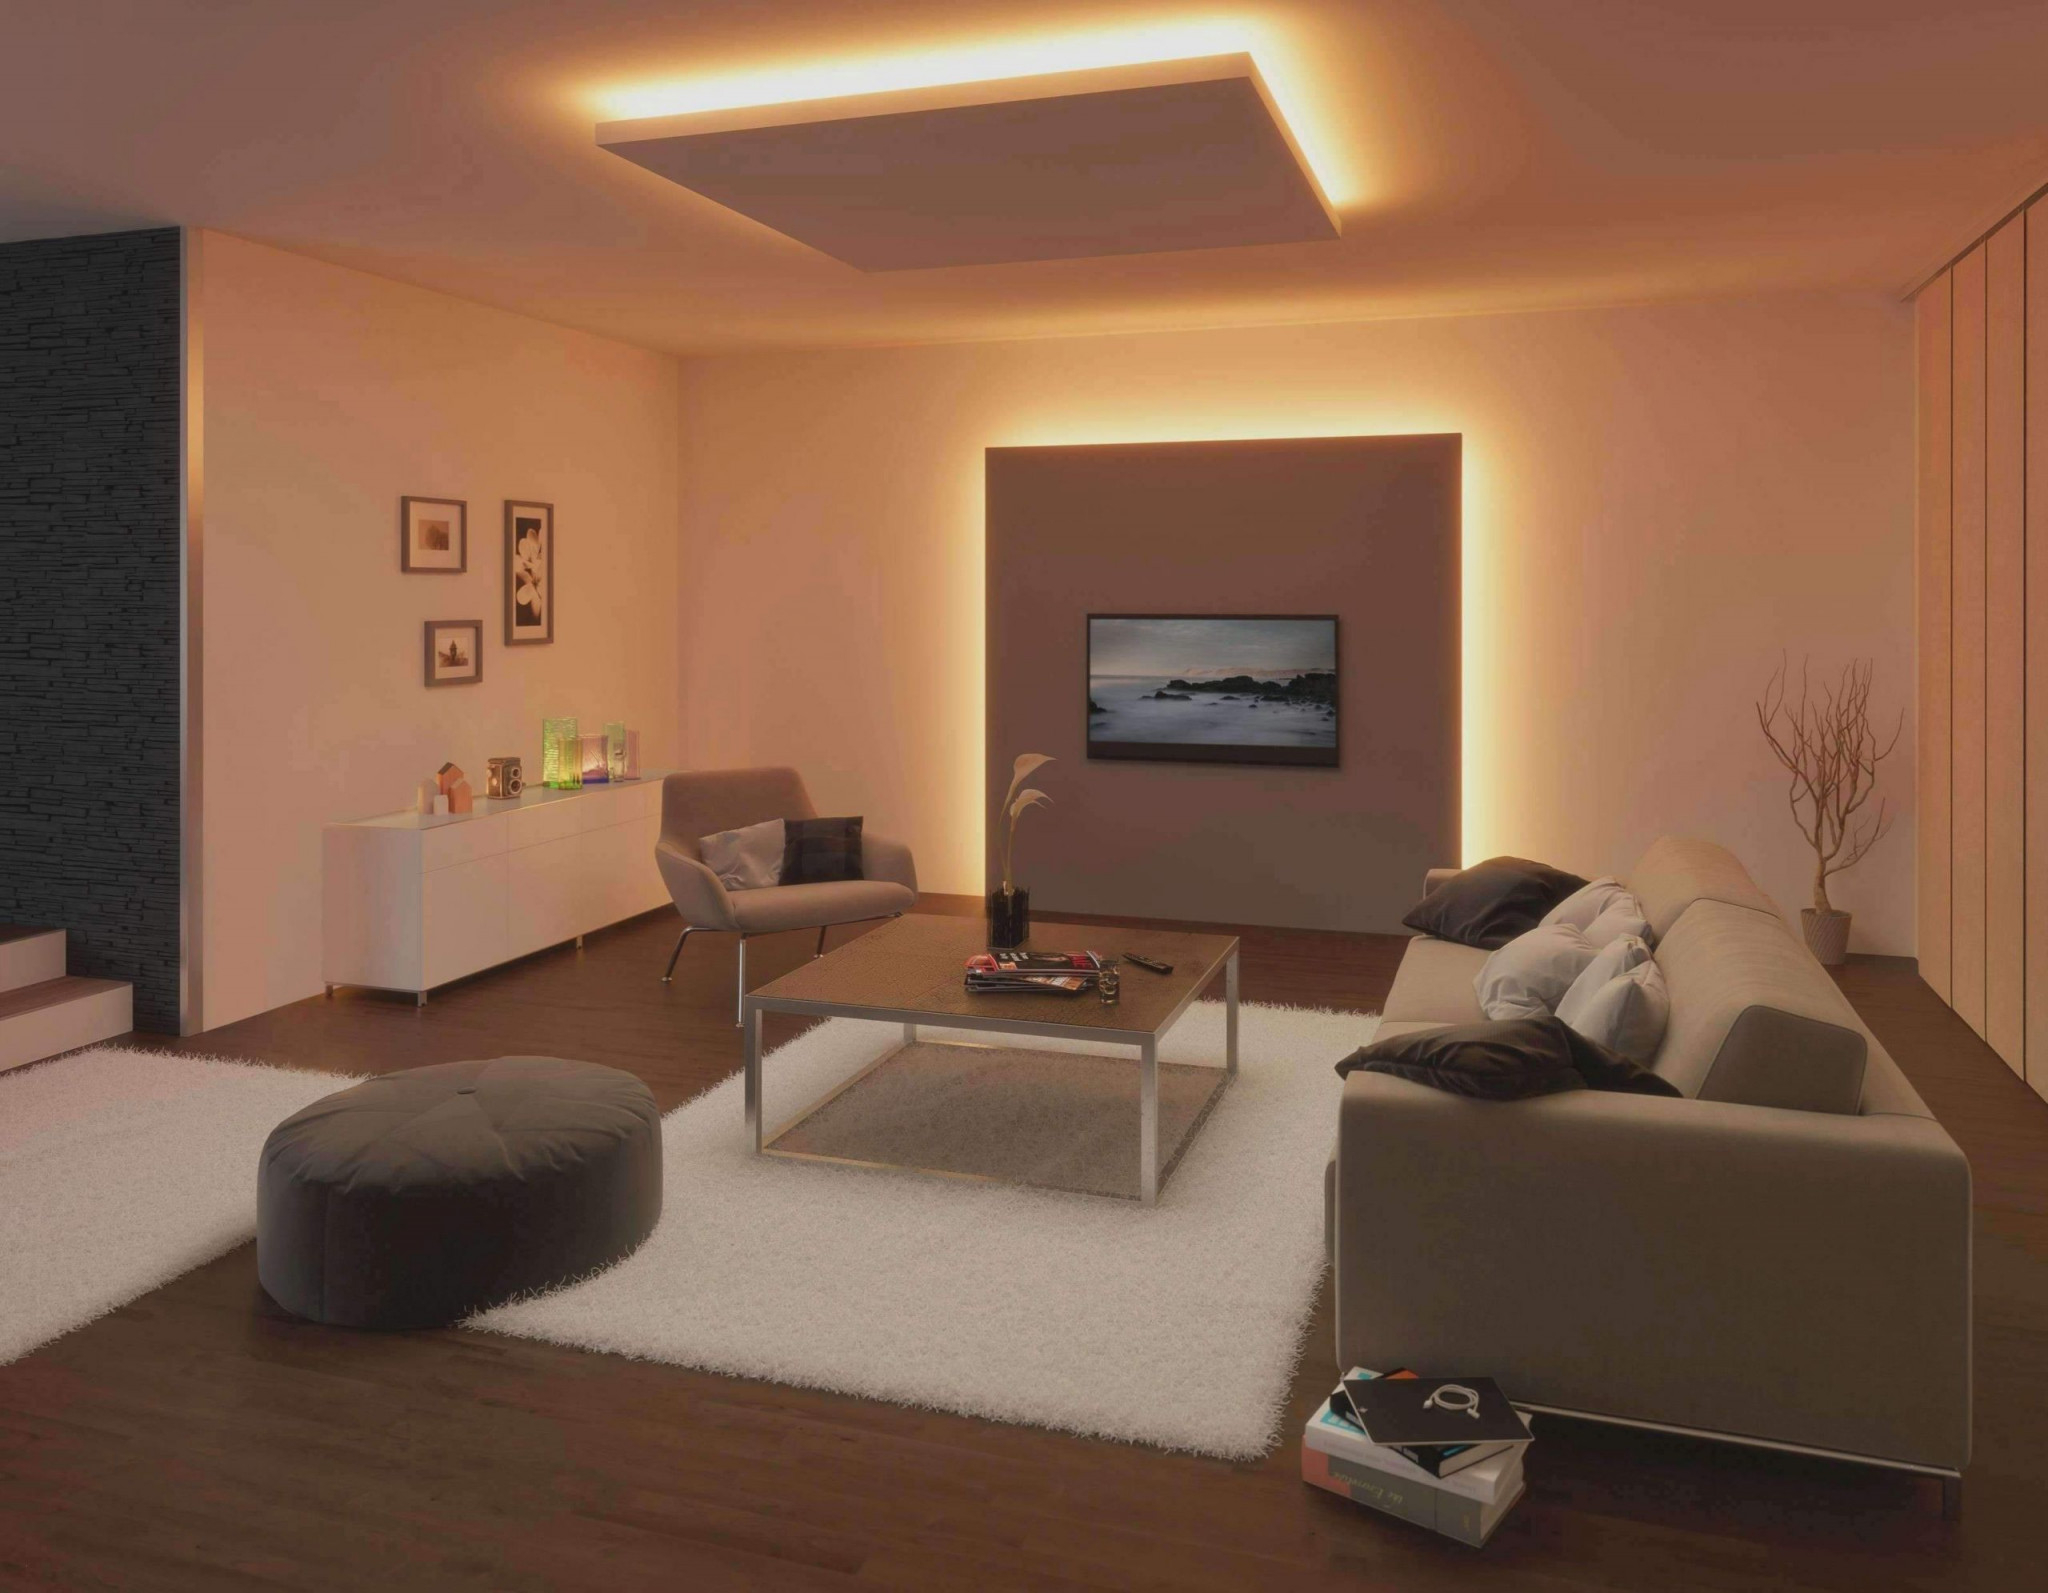 Coole Wohnzimmer Luxus Coole Wohnzimmer Frisch Coole von Coole Bilder Fürs Wohnzimmer Photo